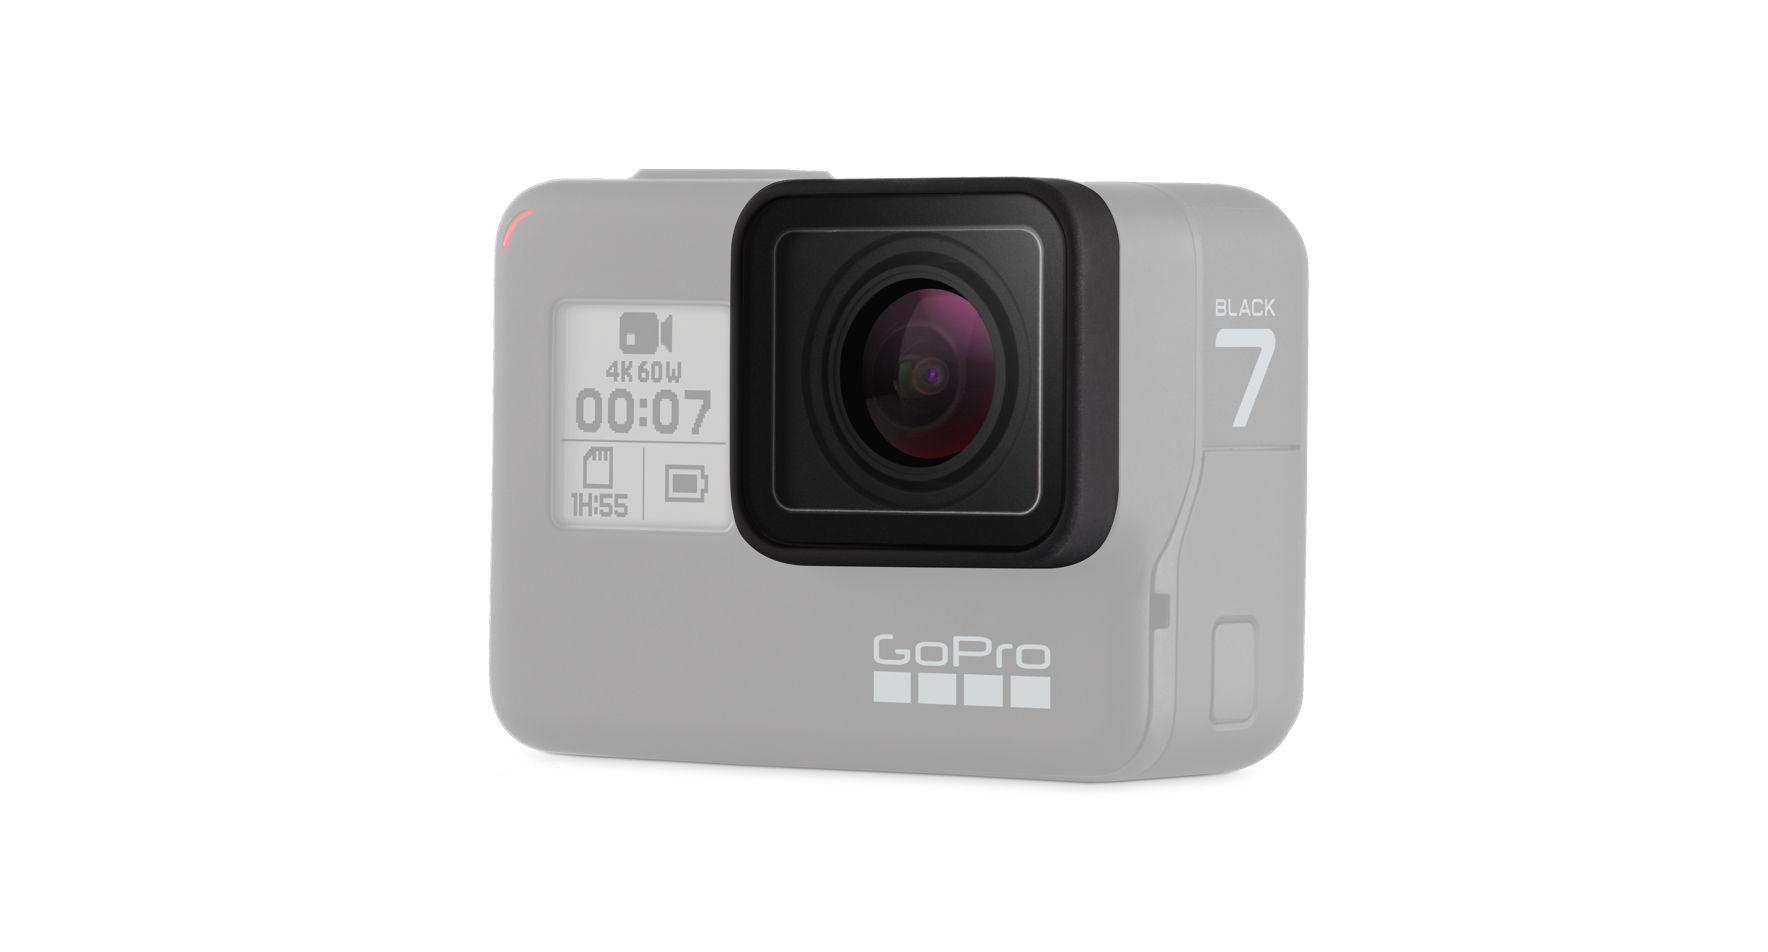 交換用保護レンズ (HERO7 Black) AACOV-003